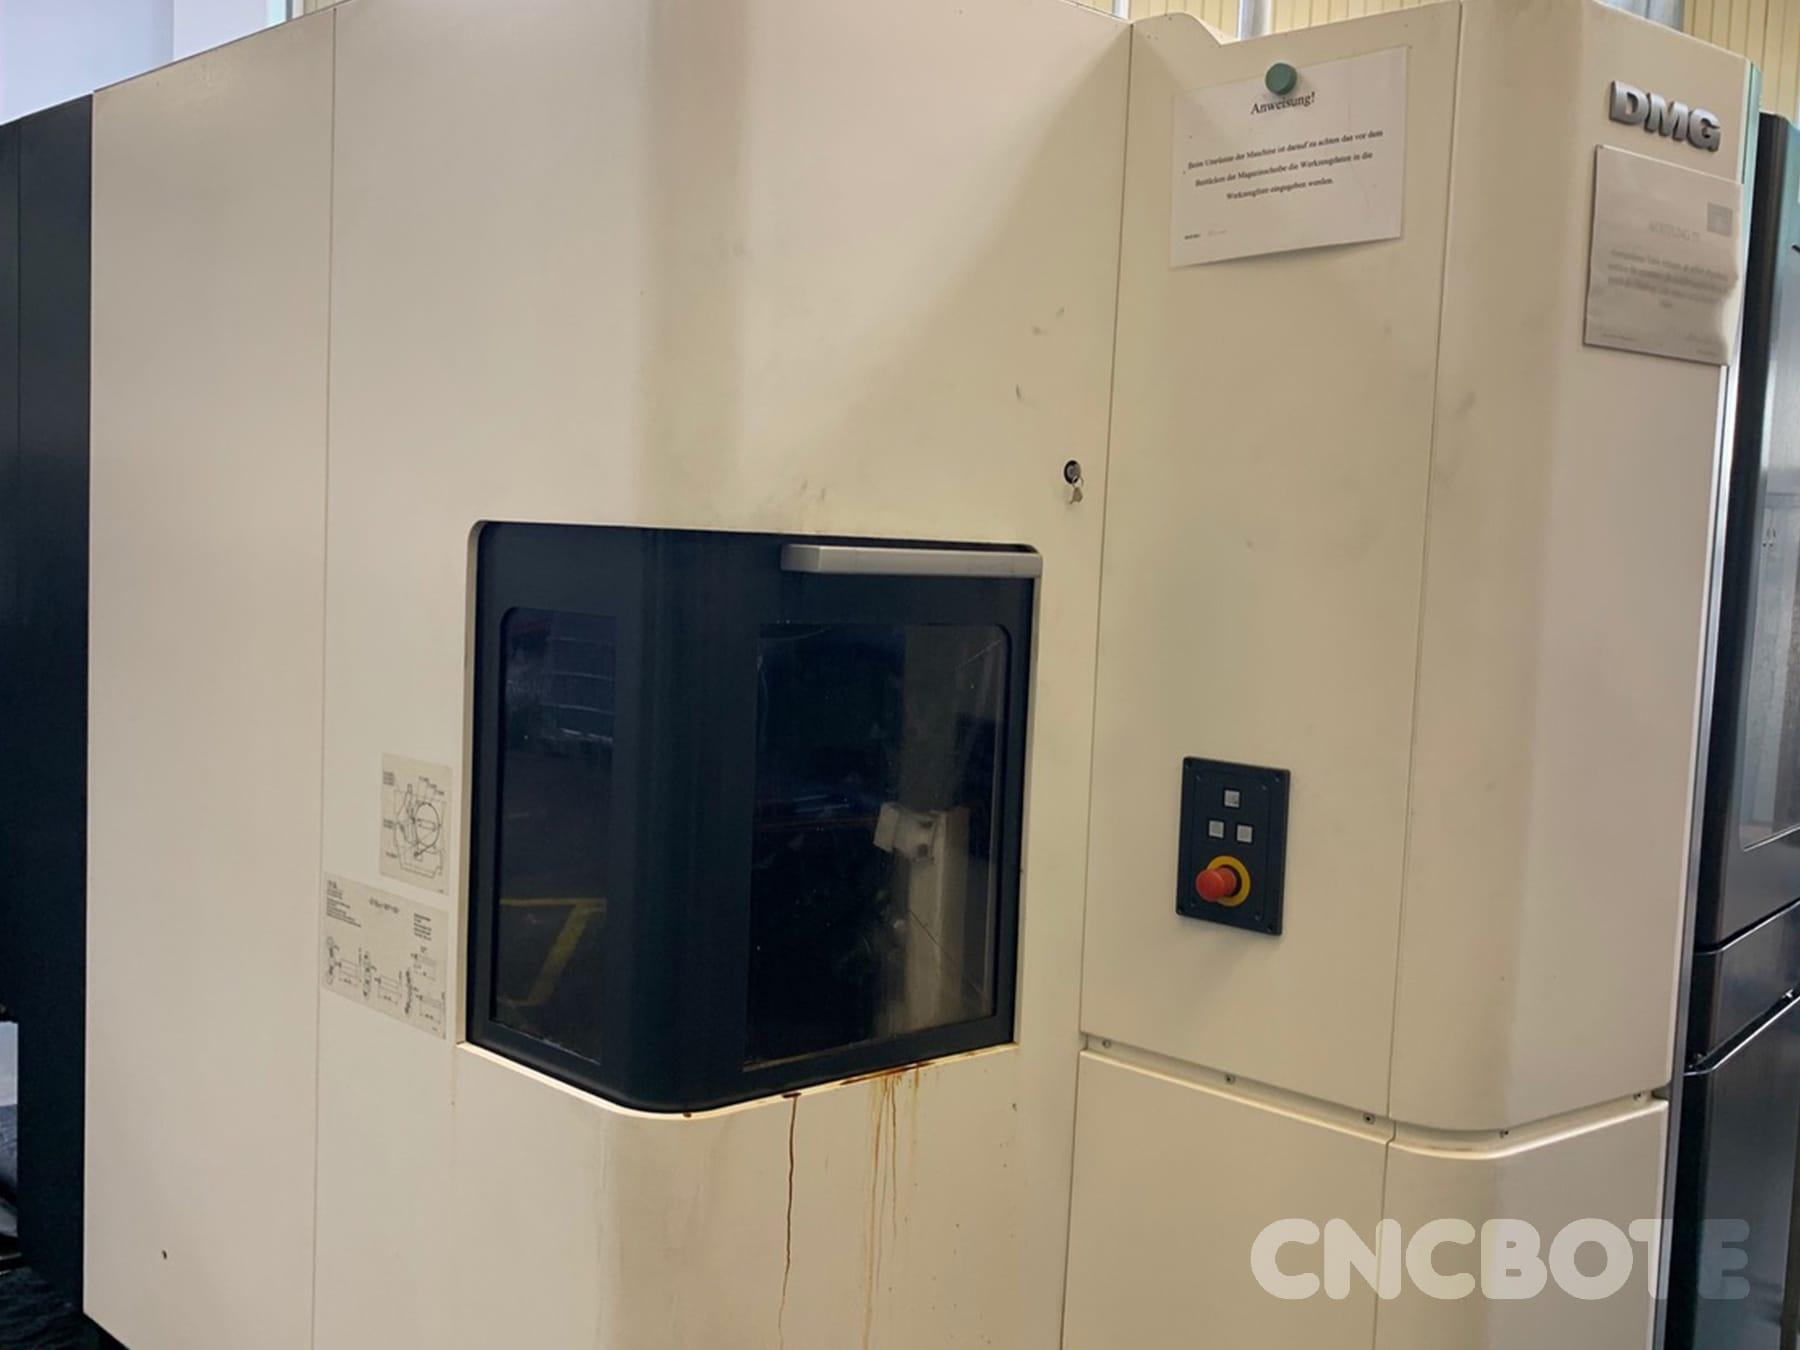 Deckel Maho DMG NHX 4000 Bearbeitungszentrum